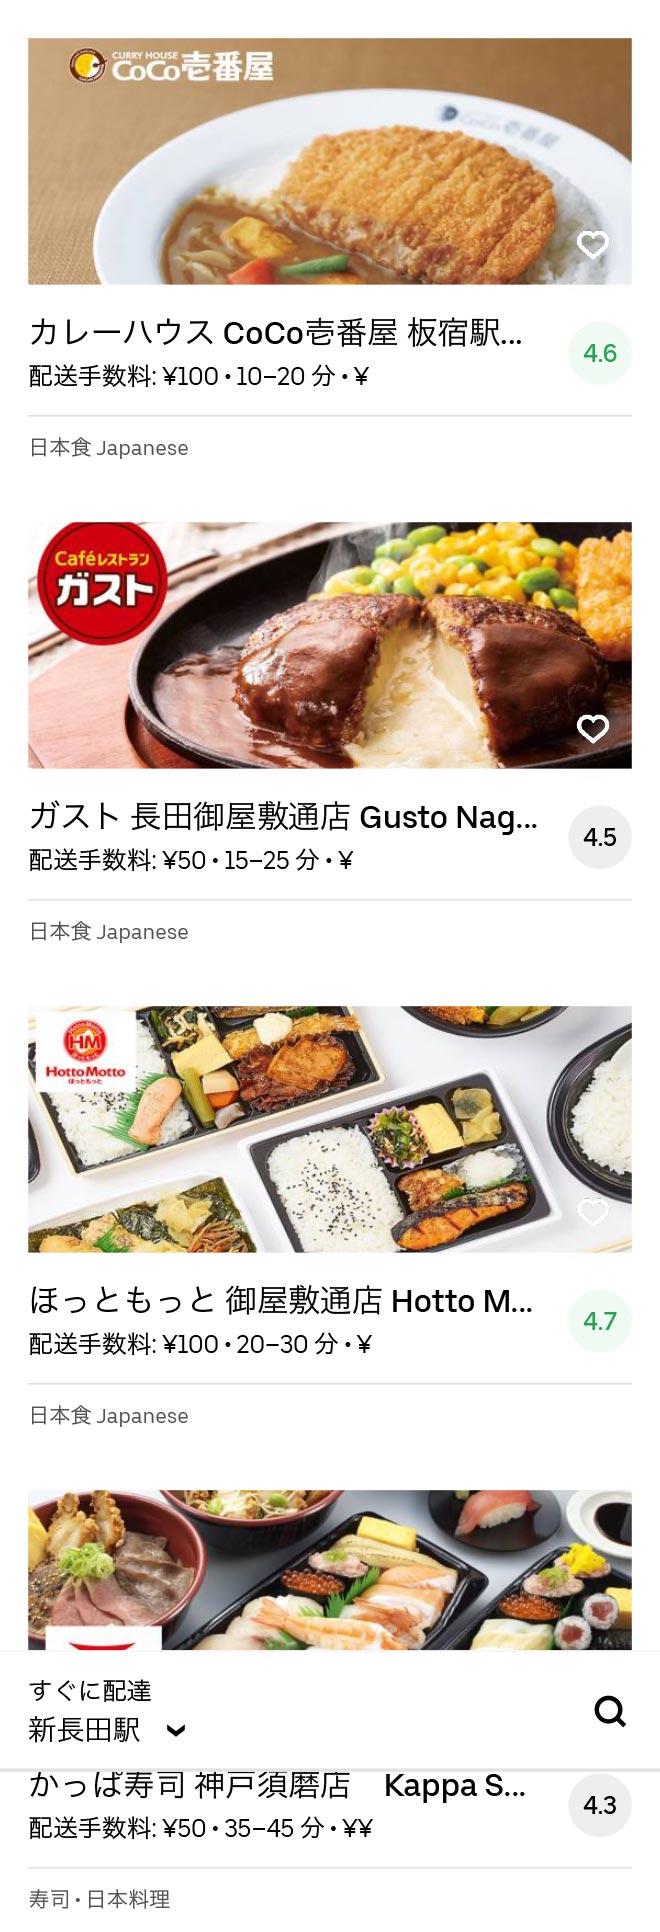 Kobe shin nagata menu 2005 03